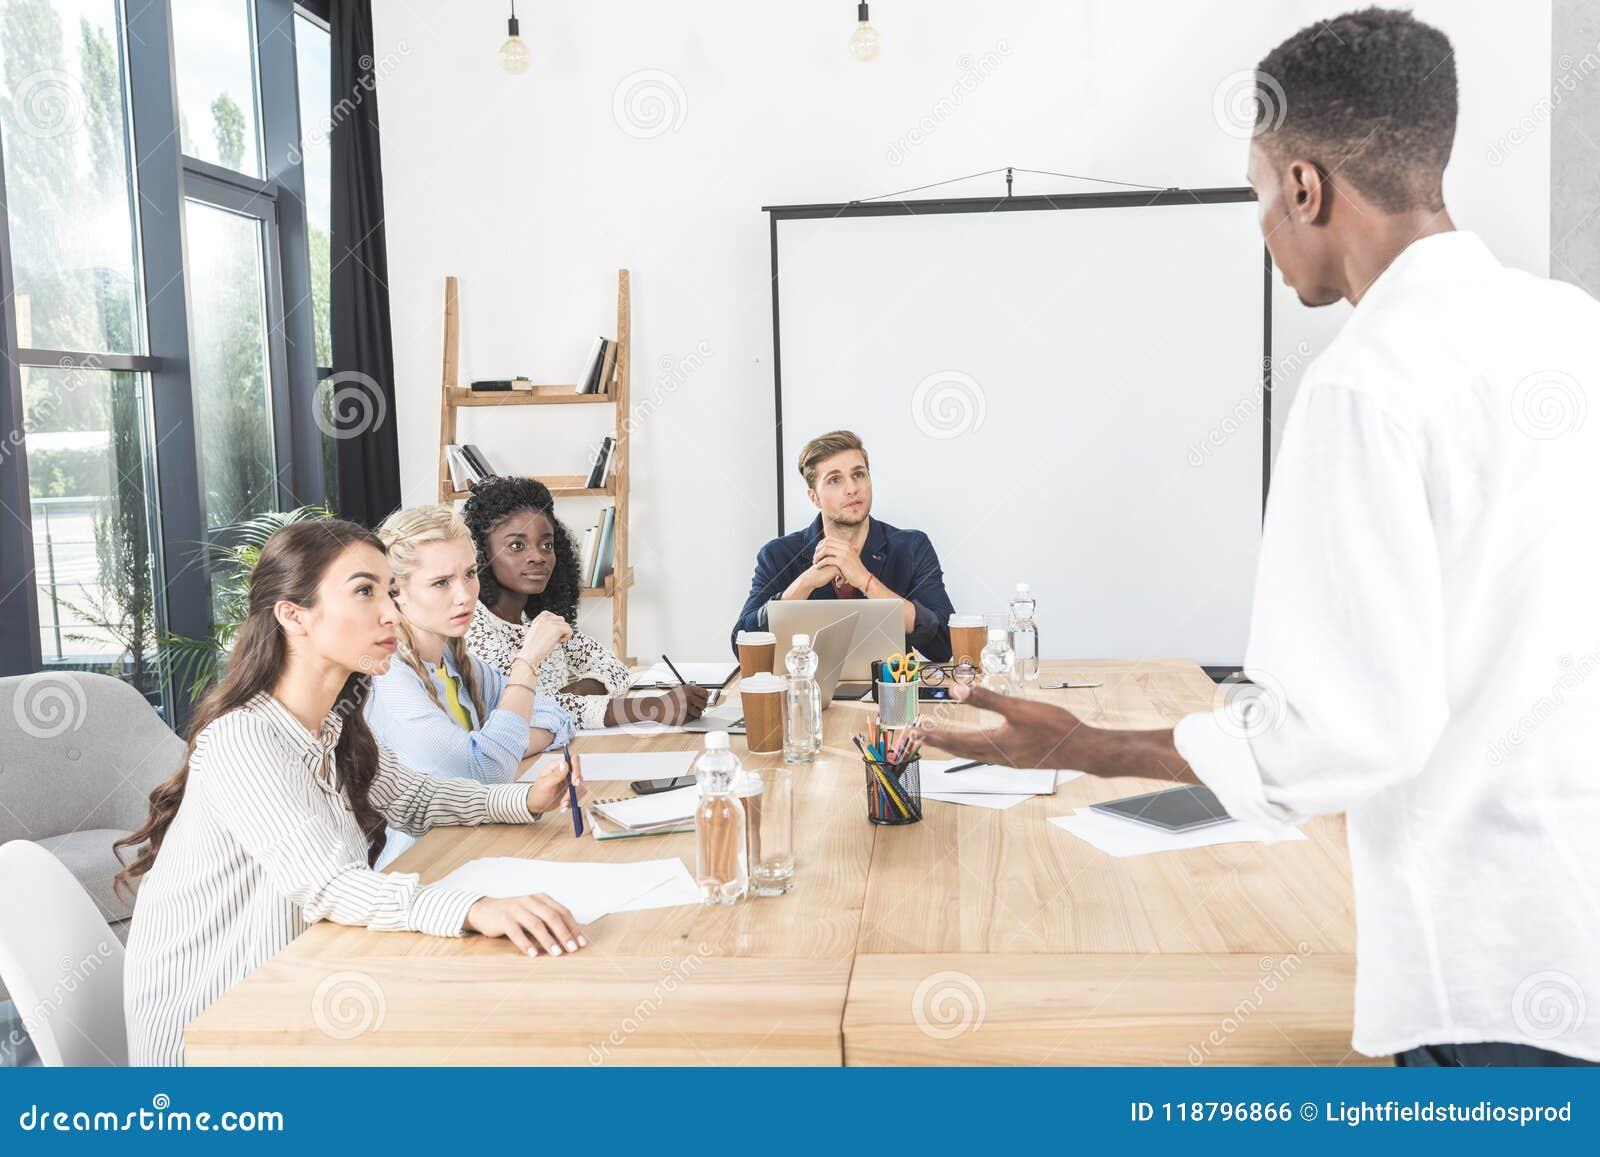 Multiethnische Gruppe fokussierte Kollegen, die auf Afrikaner hören